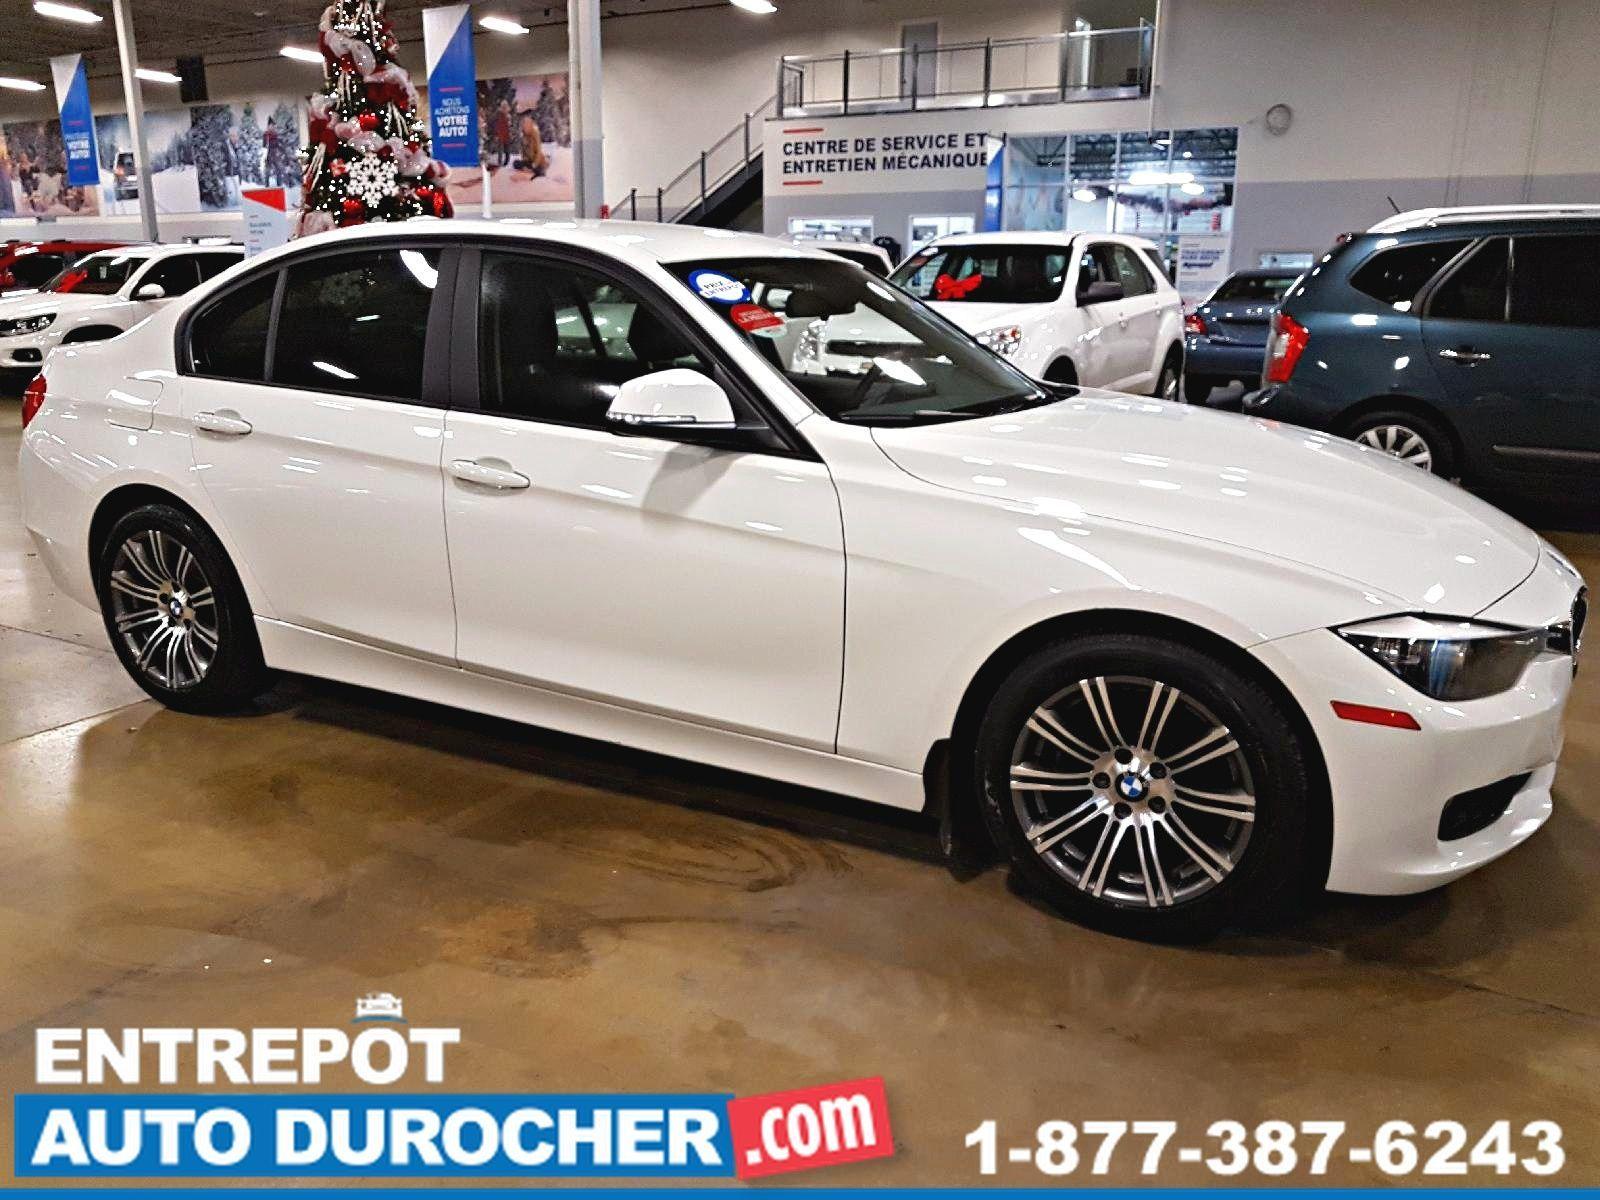 BMW 3 Series 320i, AUTOMATIQUE, AIR CLIMATISÉ, SIÈGES EN CUIR 2014